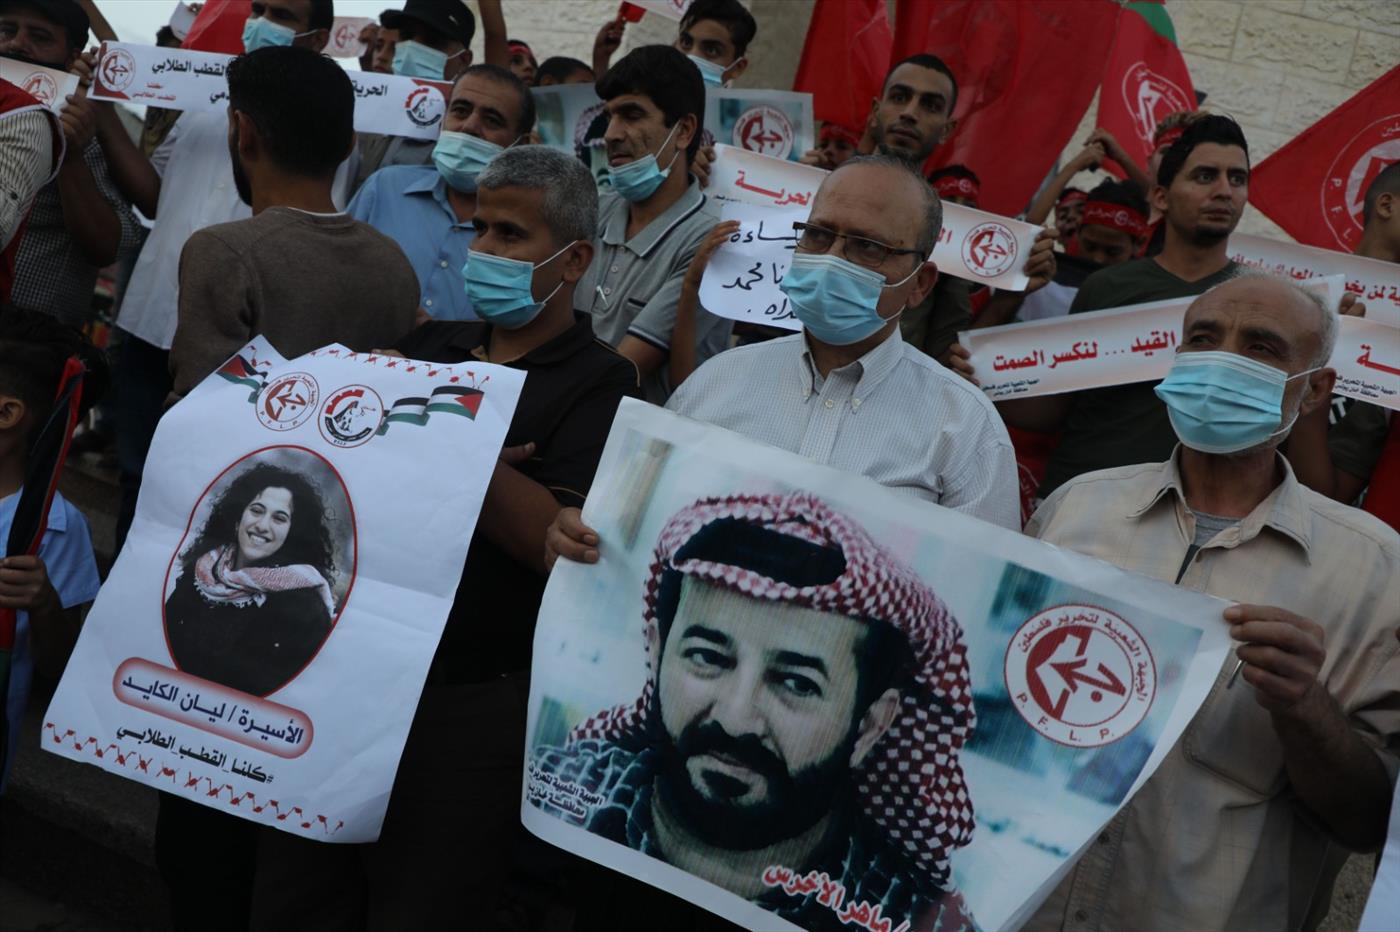 הפגנה למען מאהר אל אחרס (מג'די פתחי, tps)